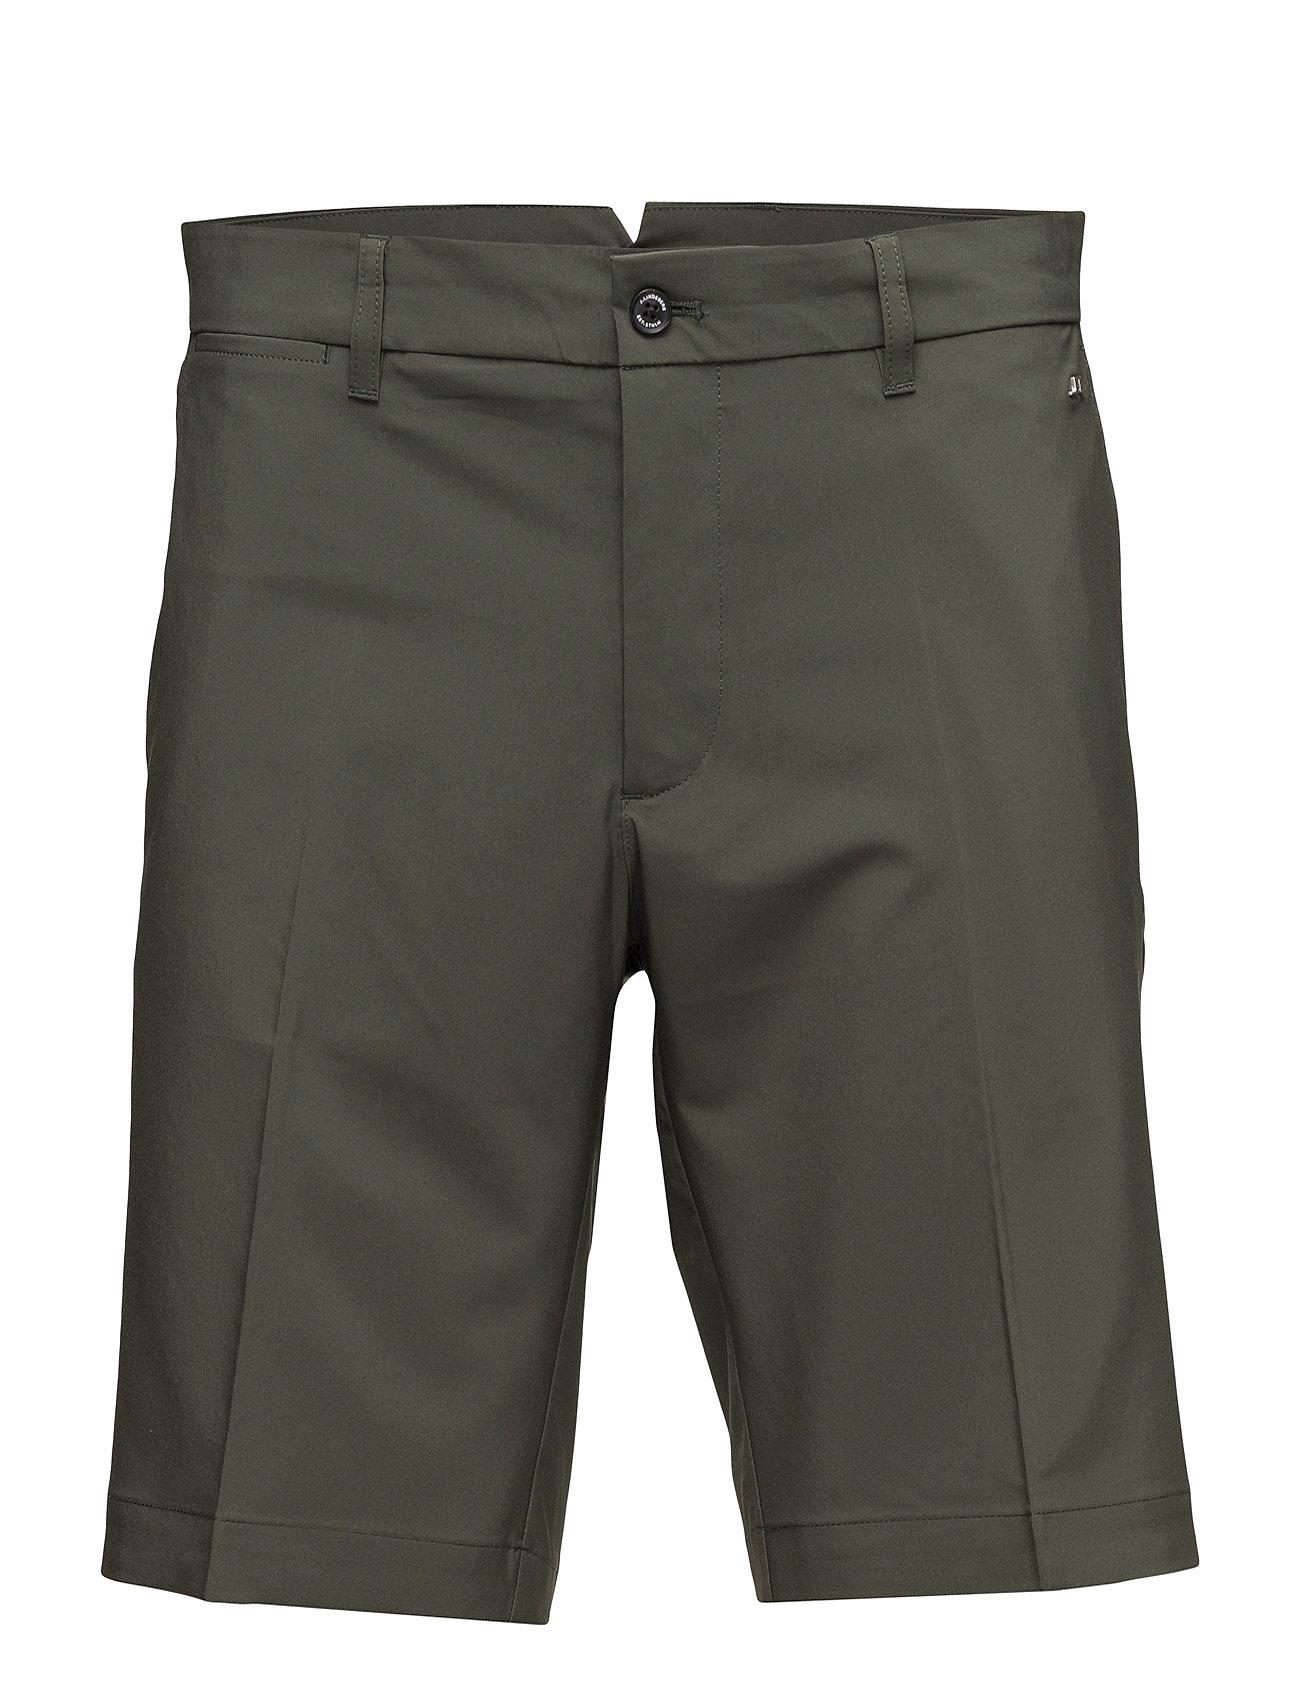 M Eloy Micro Stretch J. Lindeberg Golf Sportstøj til Mænd i